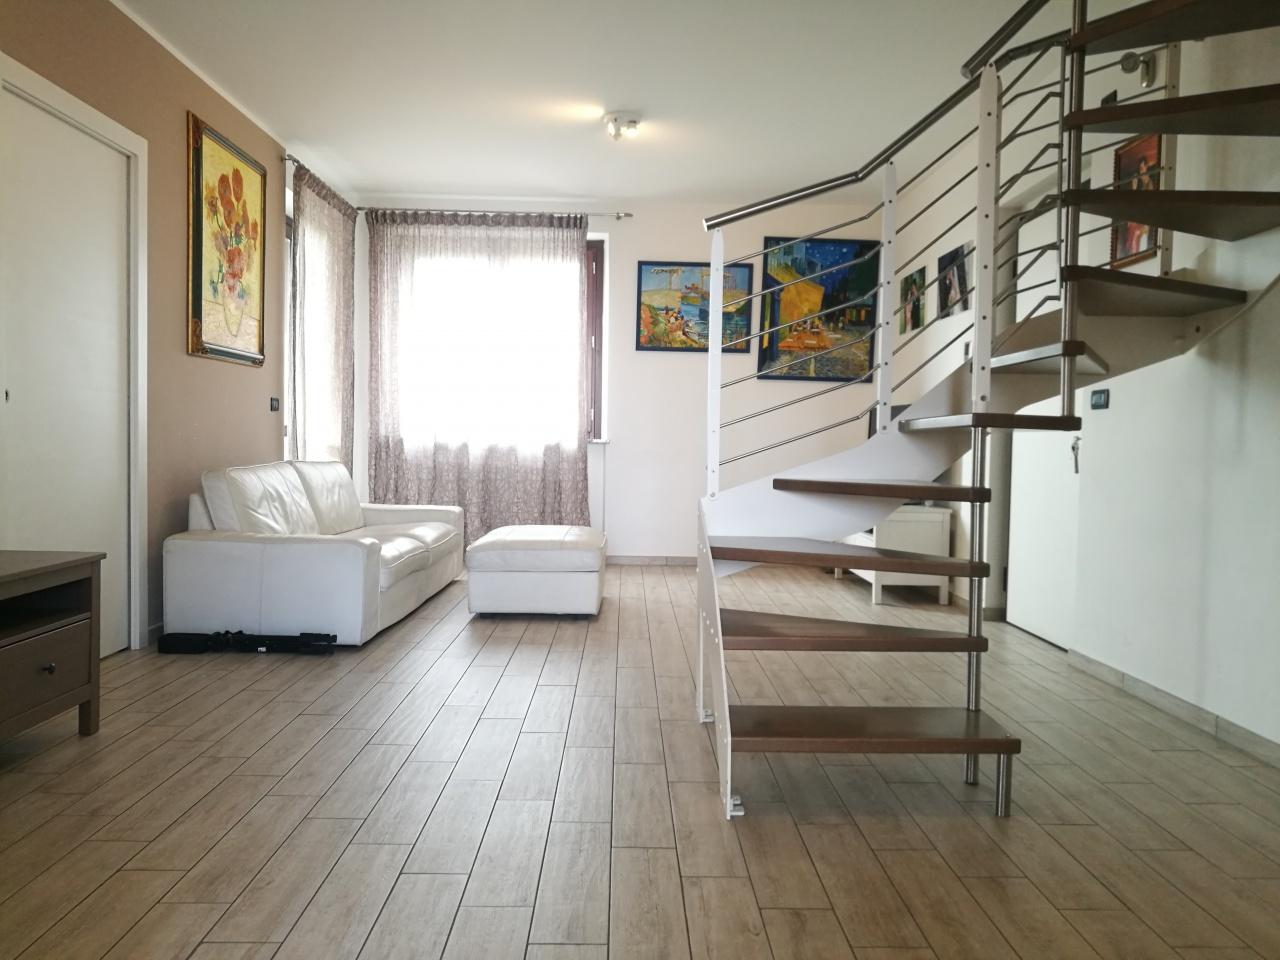 Appartamento in vendita a Rondissone, 8 locali, prezzo € 189.000 | CambioCasa.it